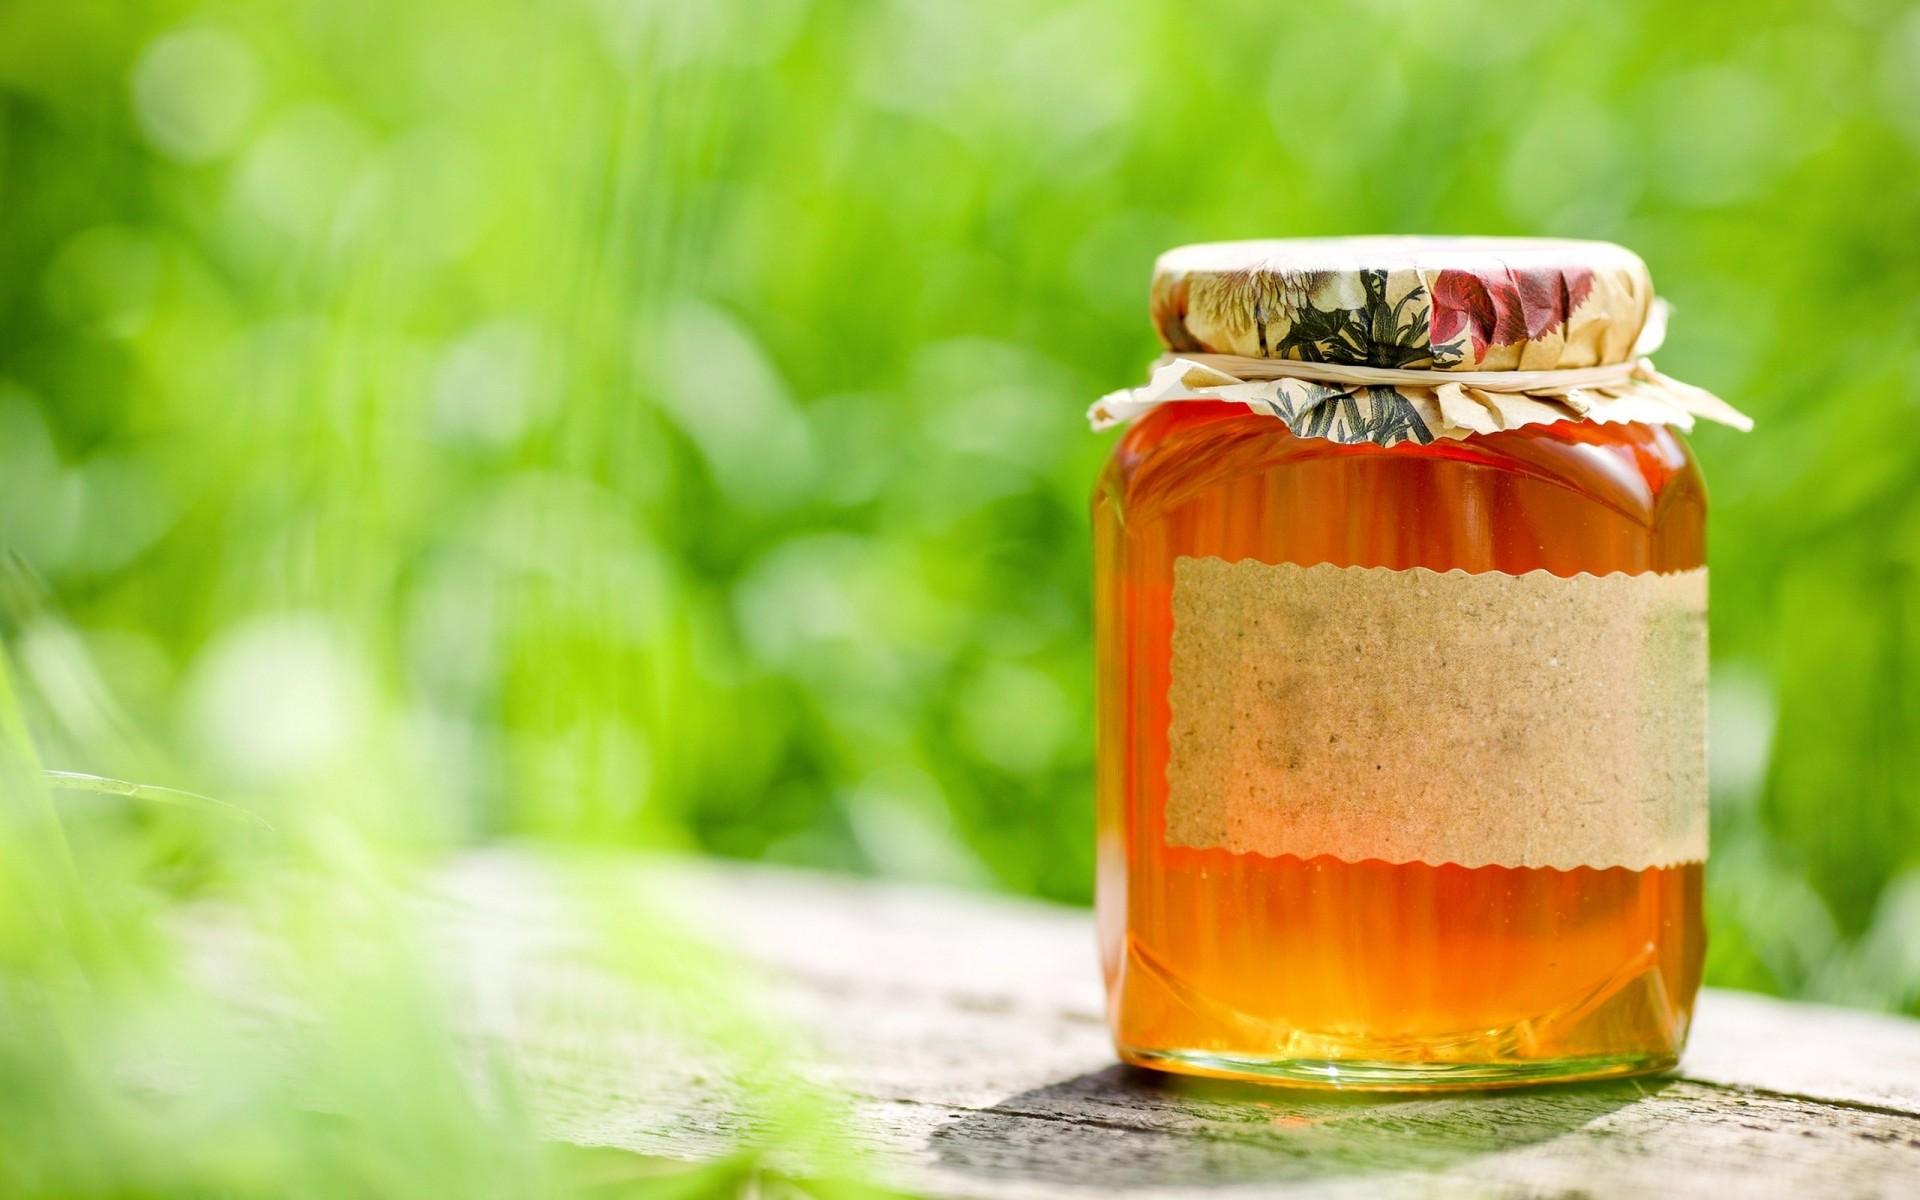 мед в стеклянной баночке на фоне природы